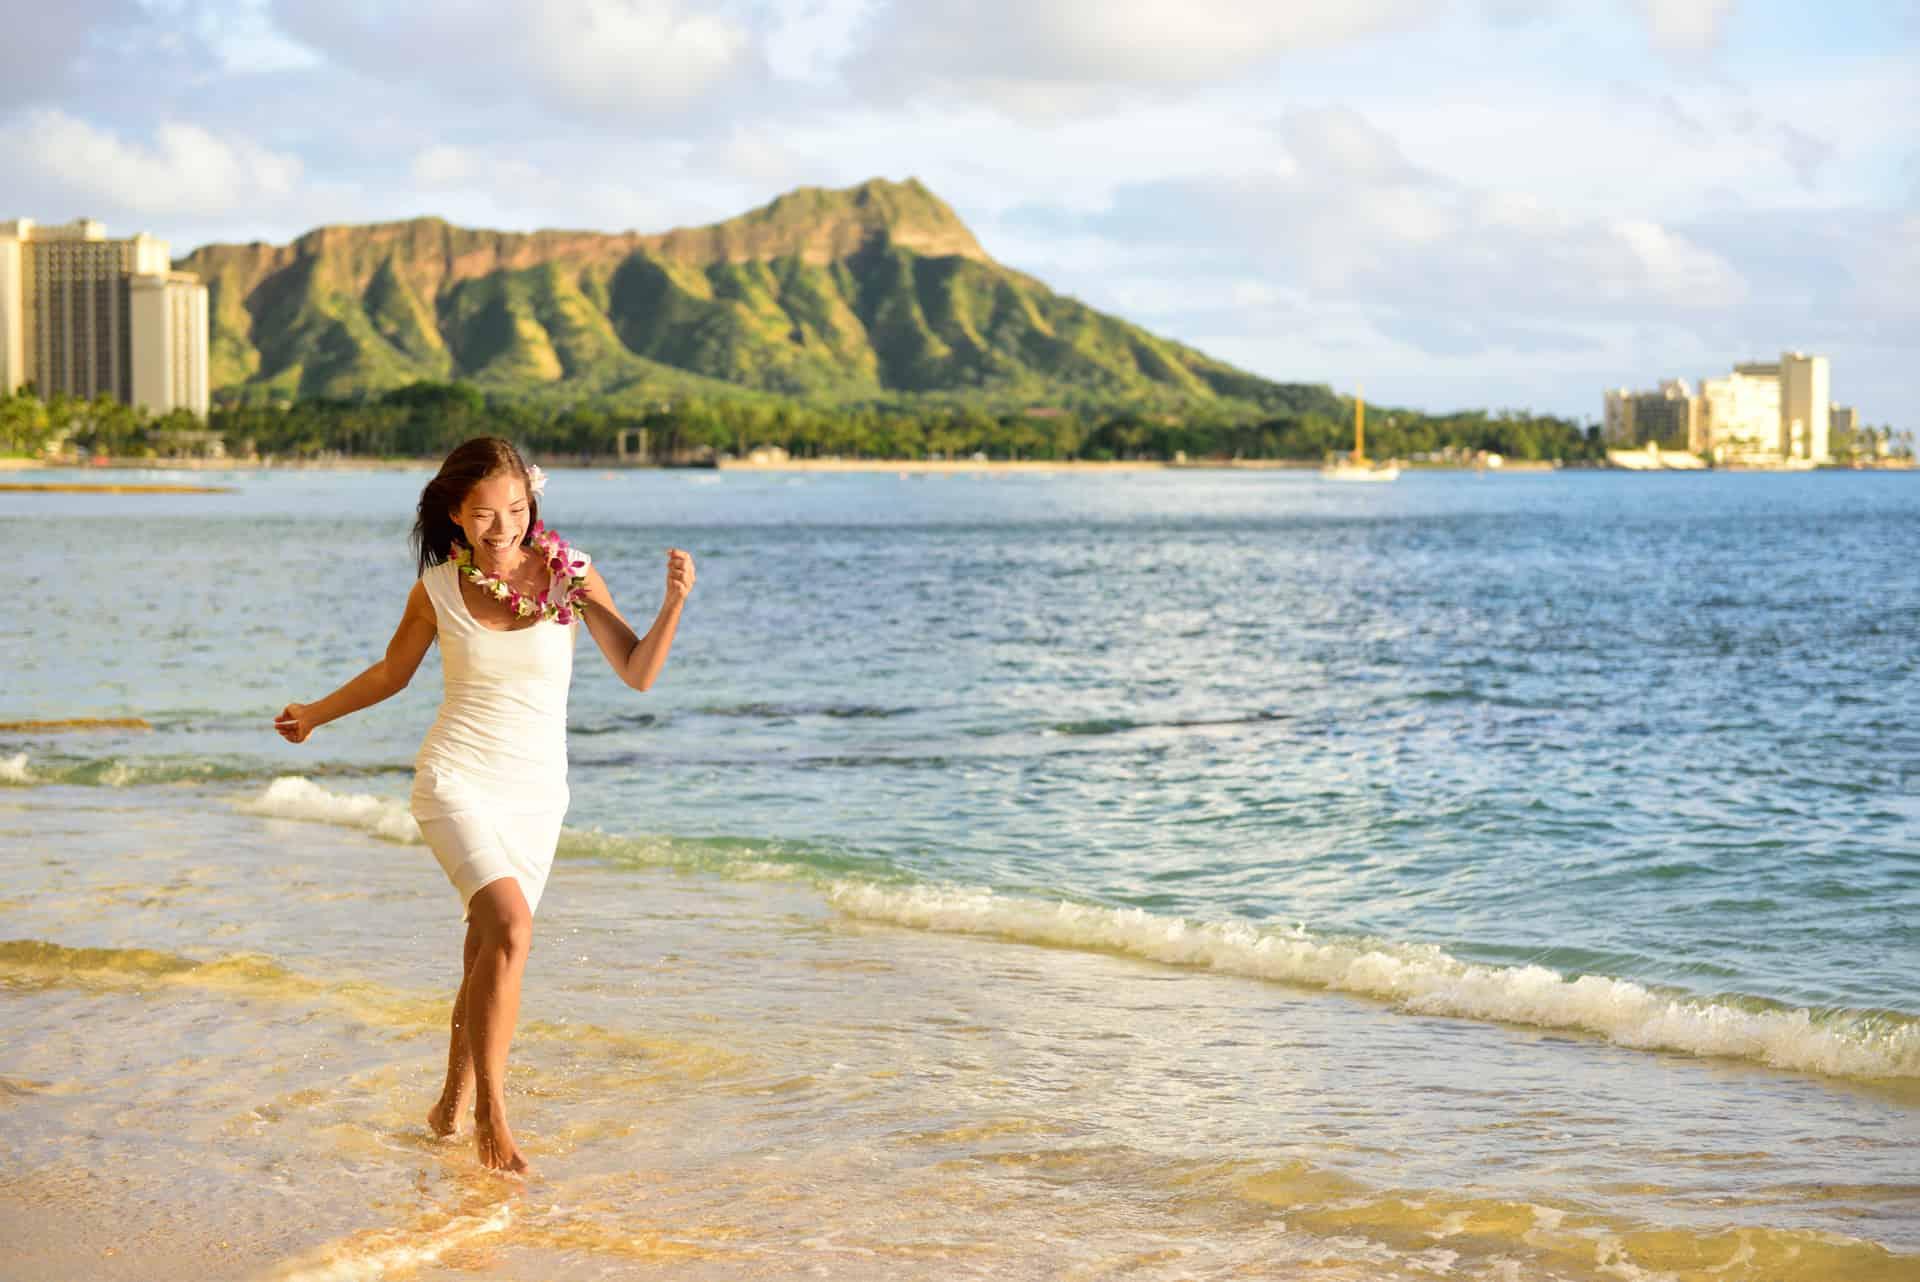 Kvinde nyder en af verdens mest berømte strande, Waikiki beach, Honolulu.